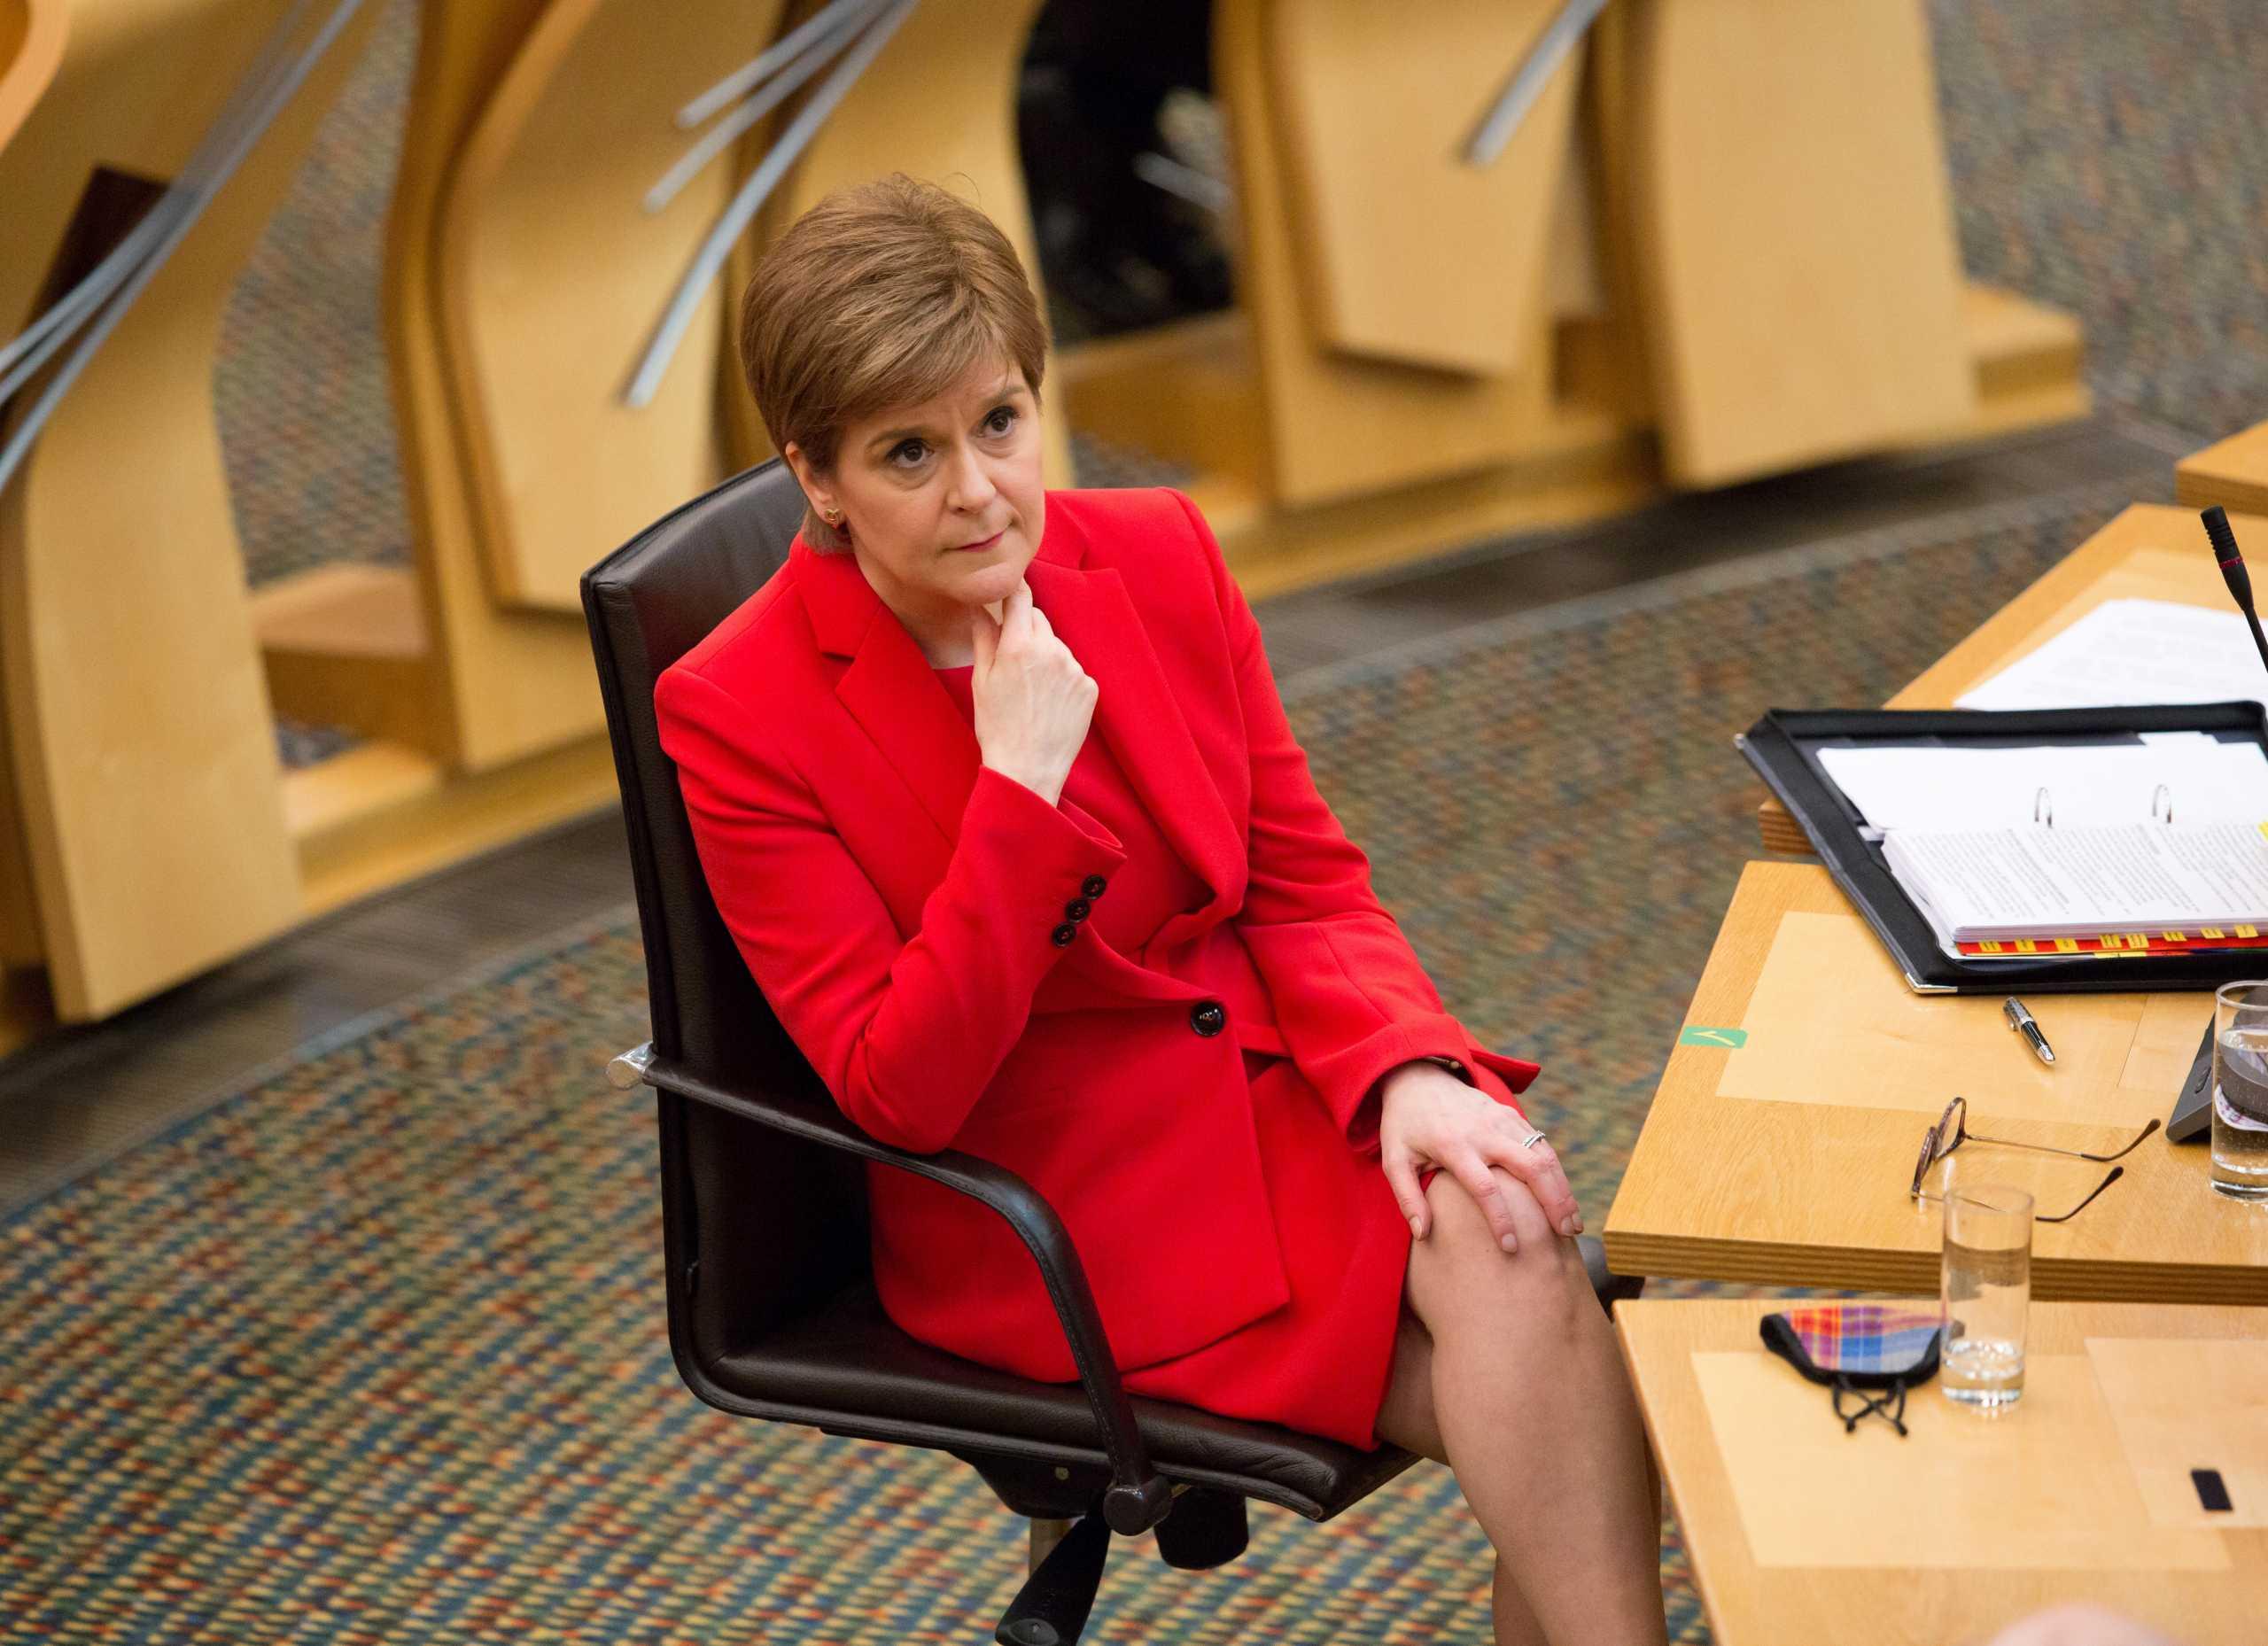 Σκωτία: Η Στέρτζον αυστηροποιεί το lockdown ελπίζοντας σε χαλάρωση τον Μάρτιο